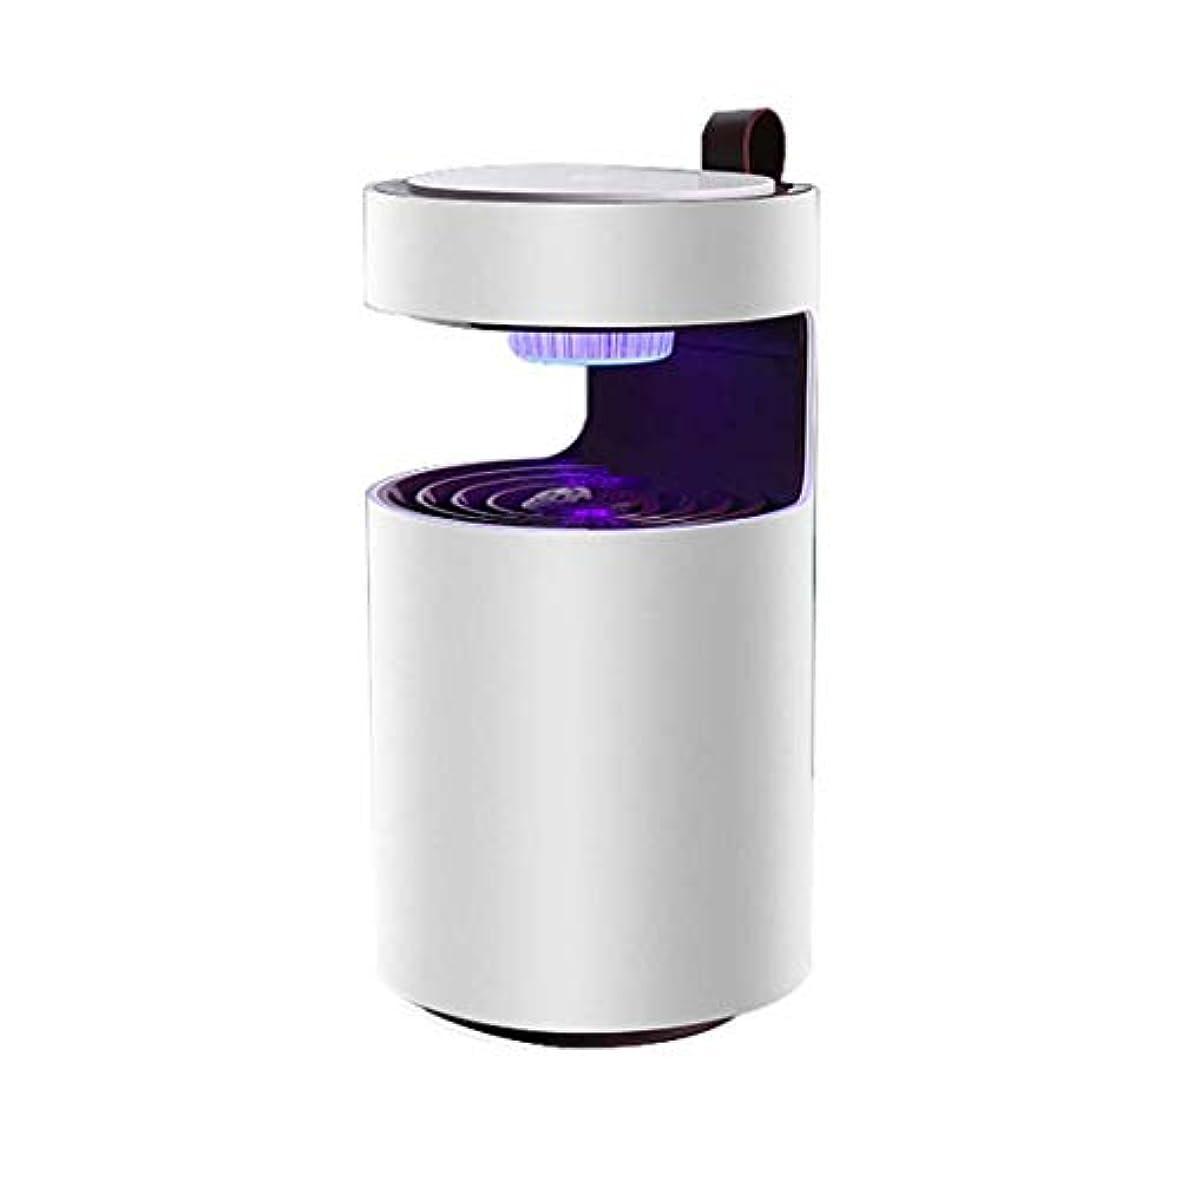 ピボットしてはいけない呪われたモスキートキラー、USB光触媒モスキートキラー、家庭用室内吸引型物理的蚊取り器